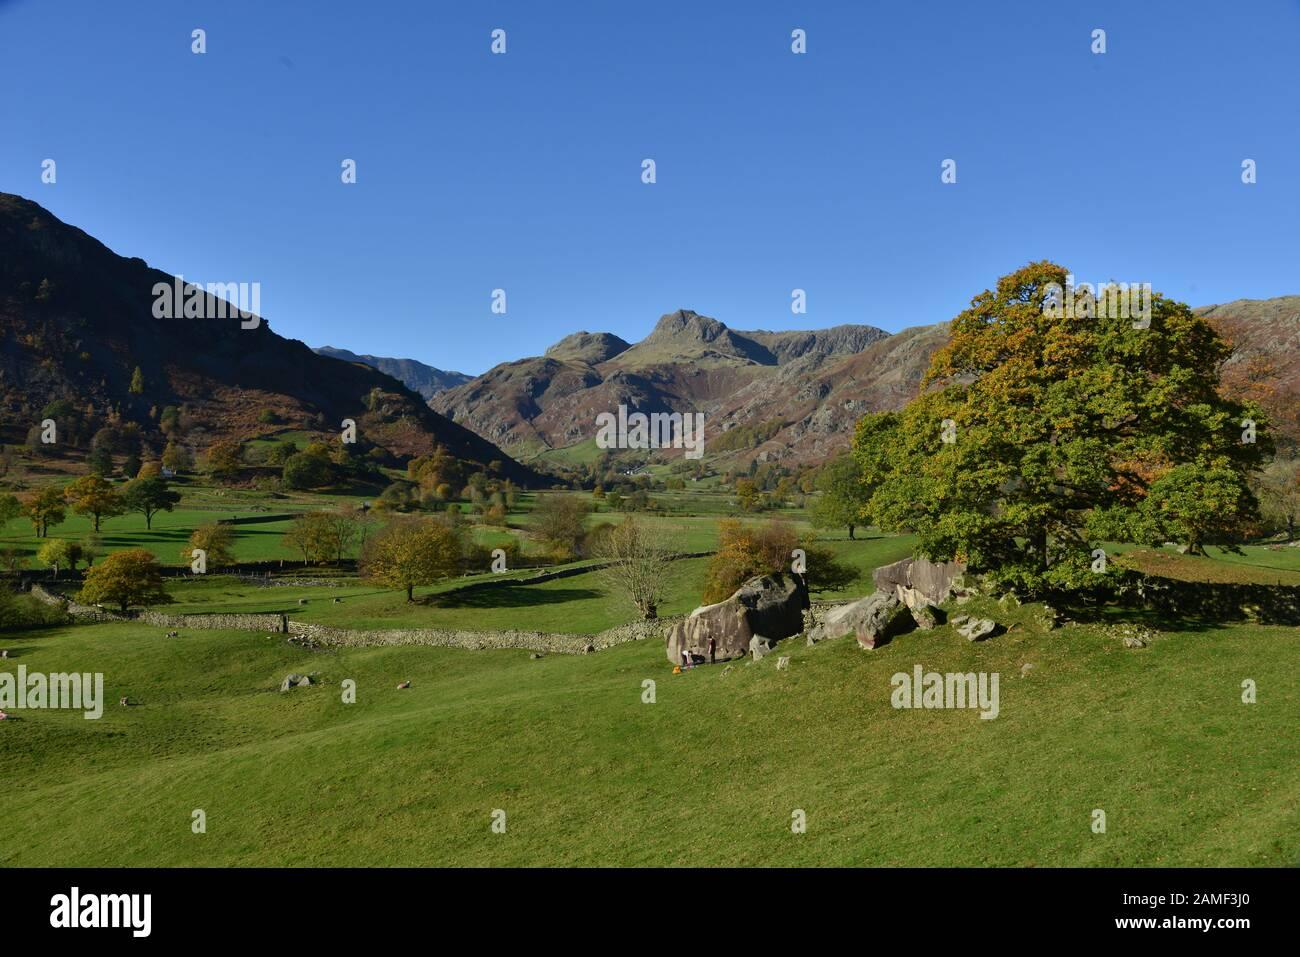 Les Langdale Pikes et les Langdale Boulders, au Royaume-Uni Banque D'Images